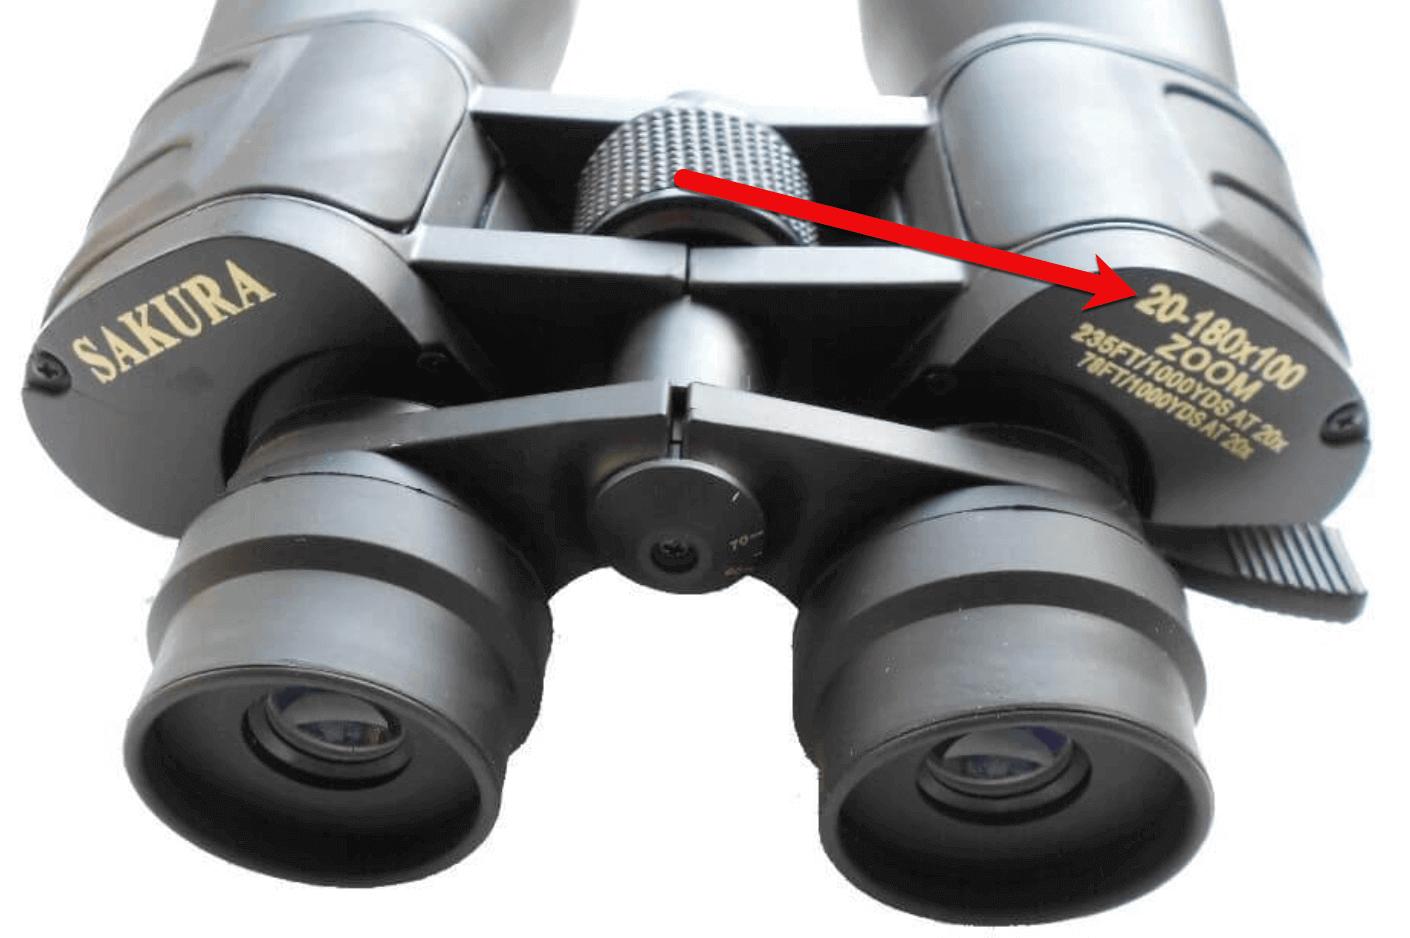 zoom-binoculars-numbers